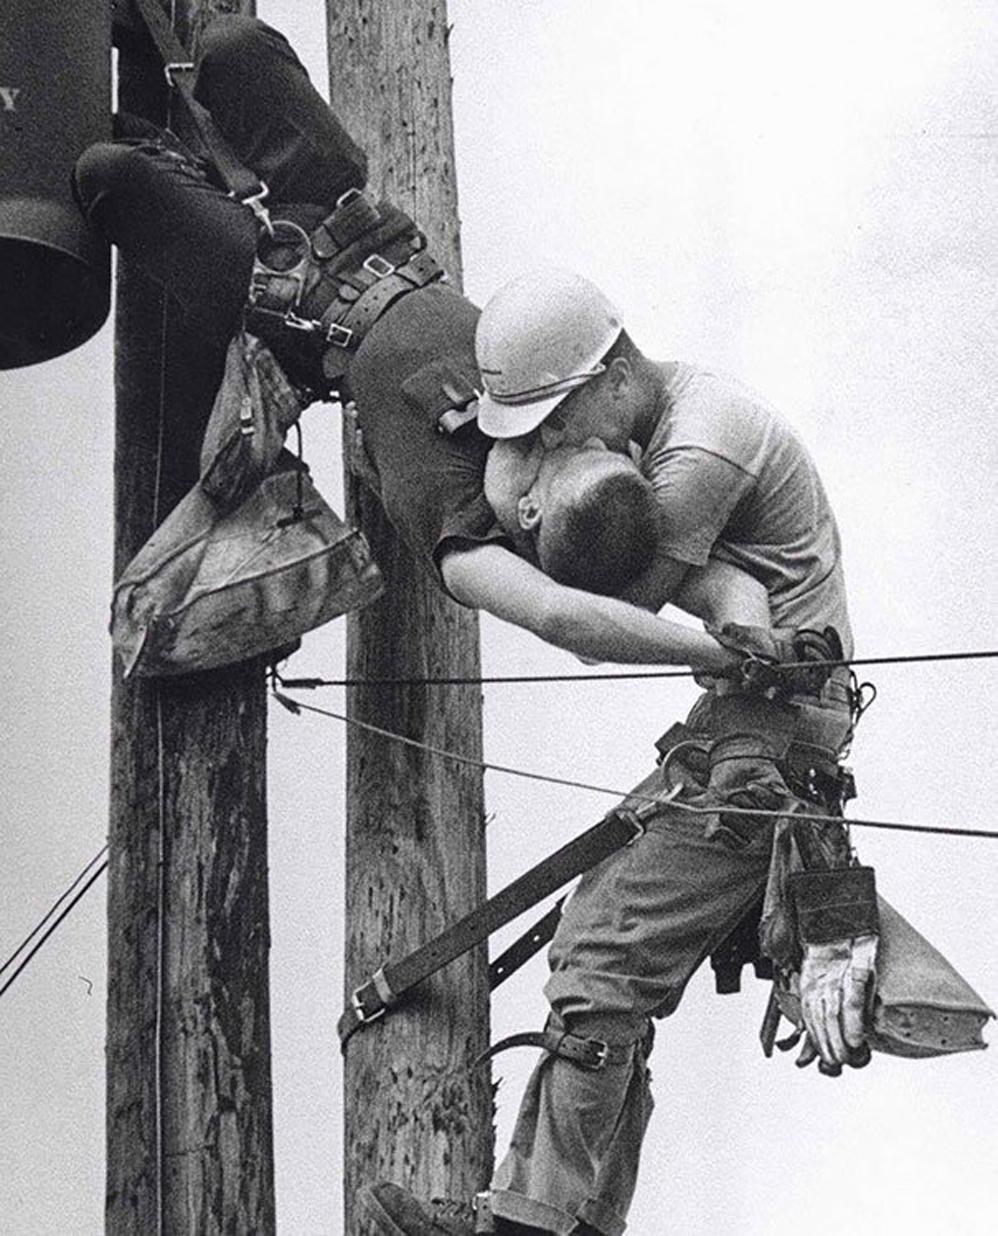 El beso de la vida: un trabajador le da respiración boca a boca a su compañero de trabajo después de ponerse en contacto con un cable de alta tensión, 1967